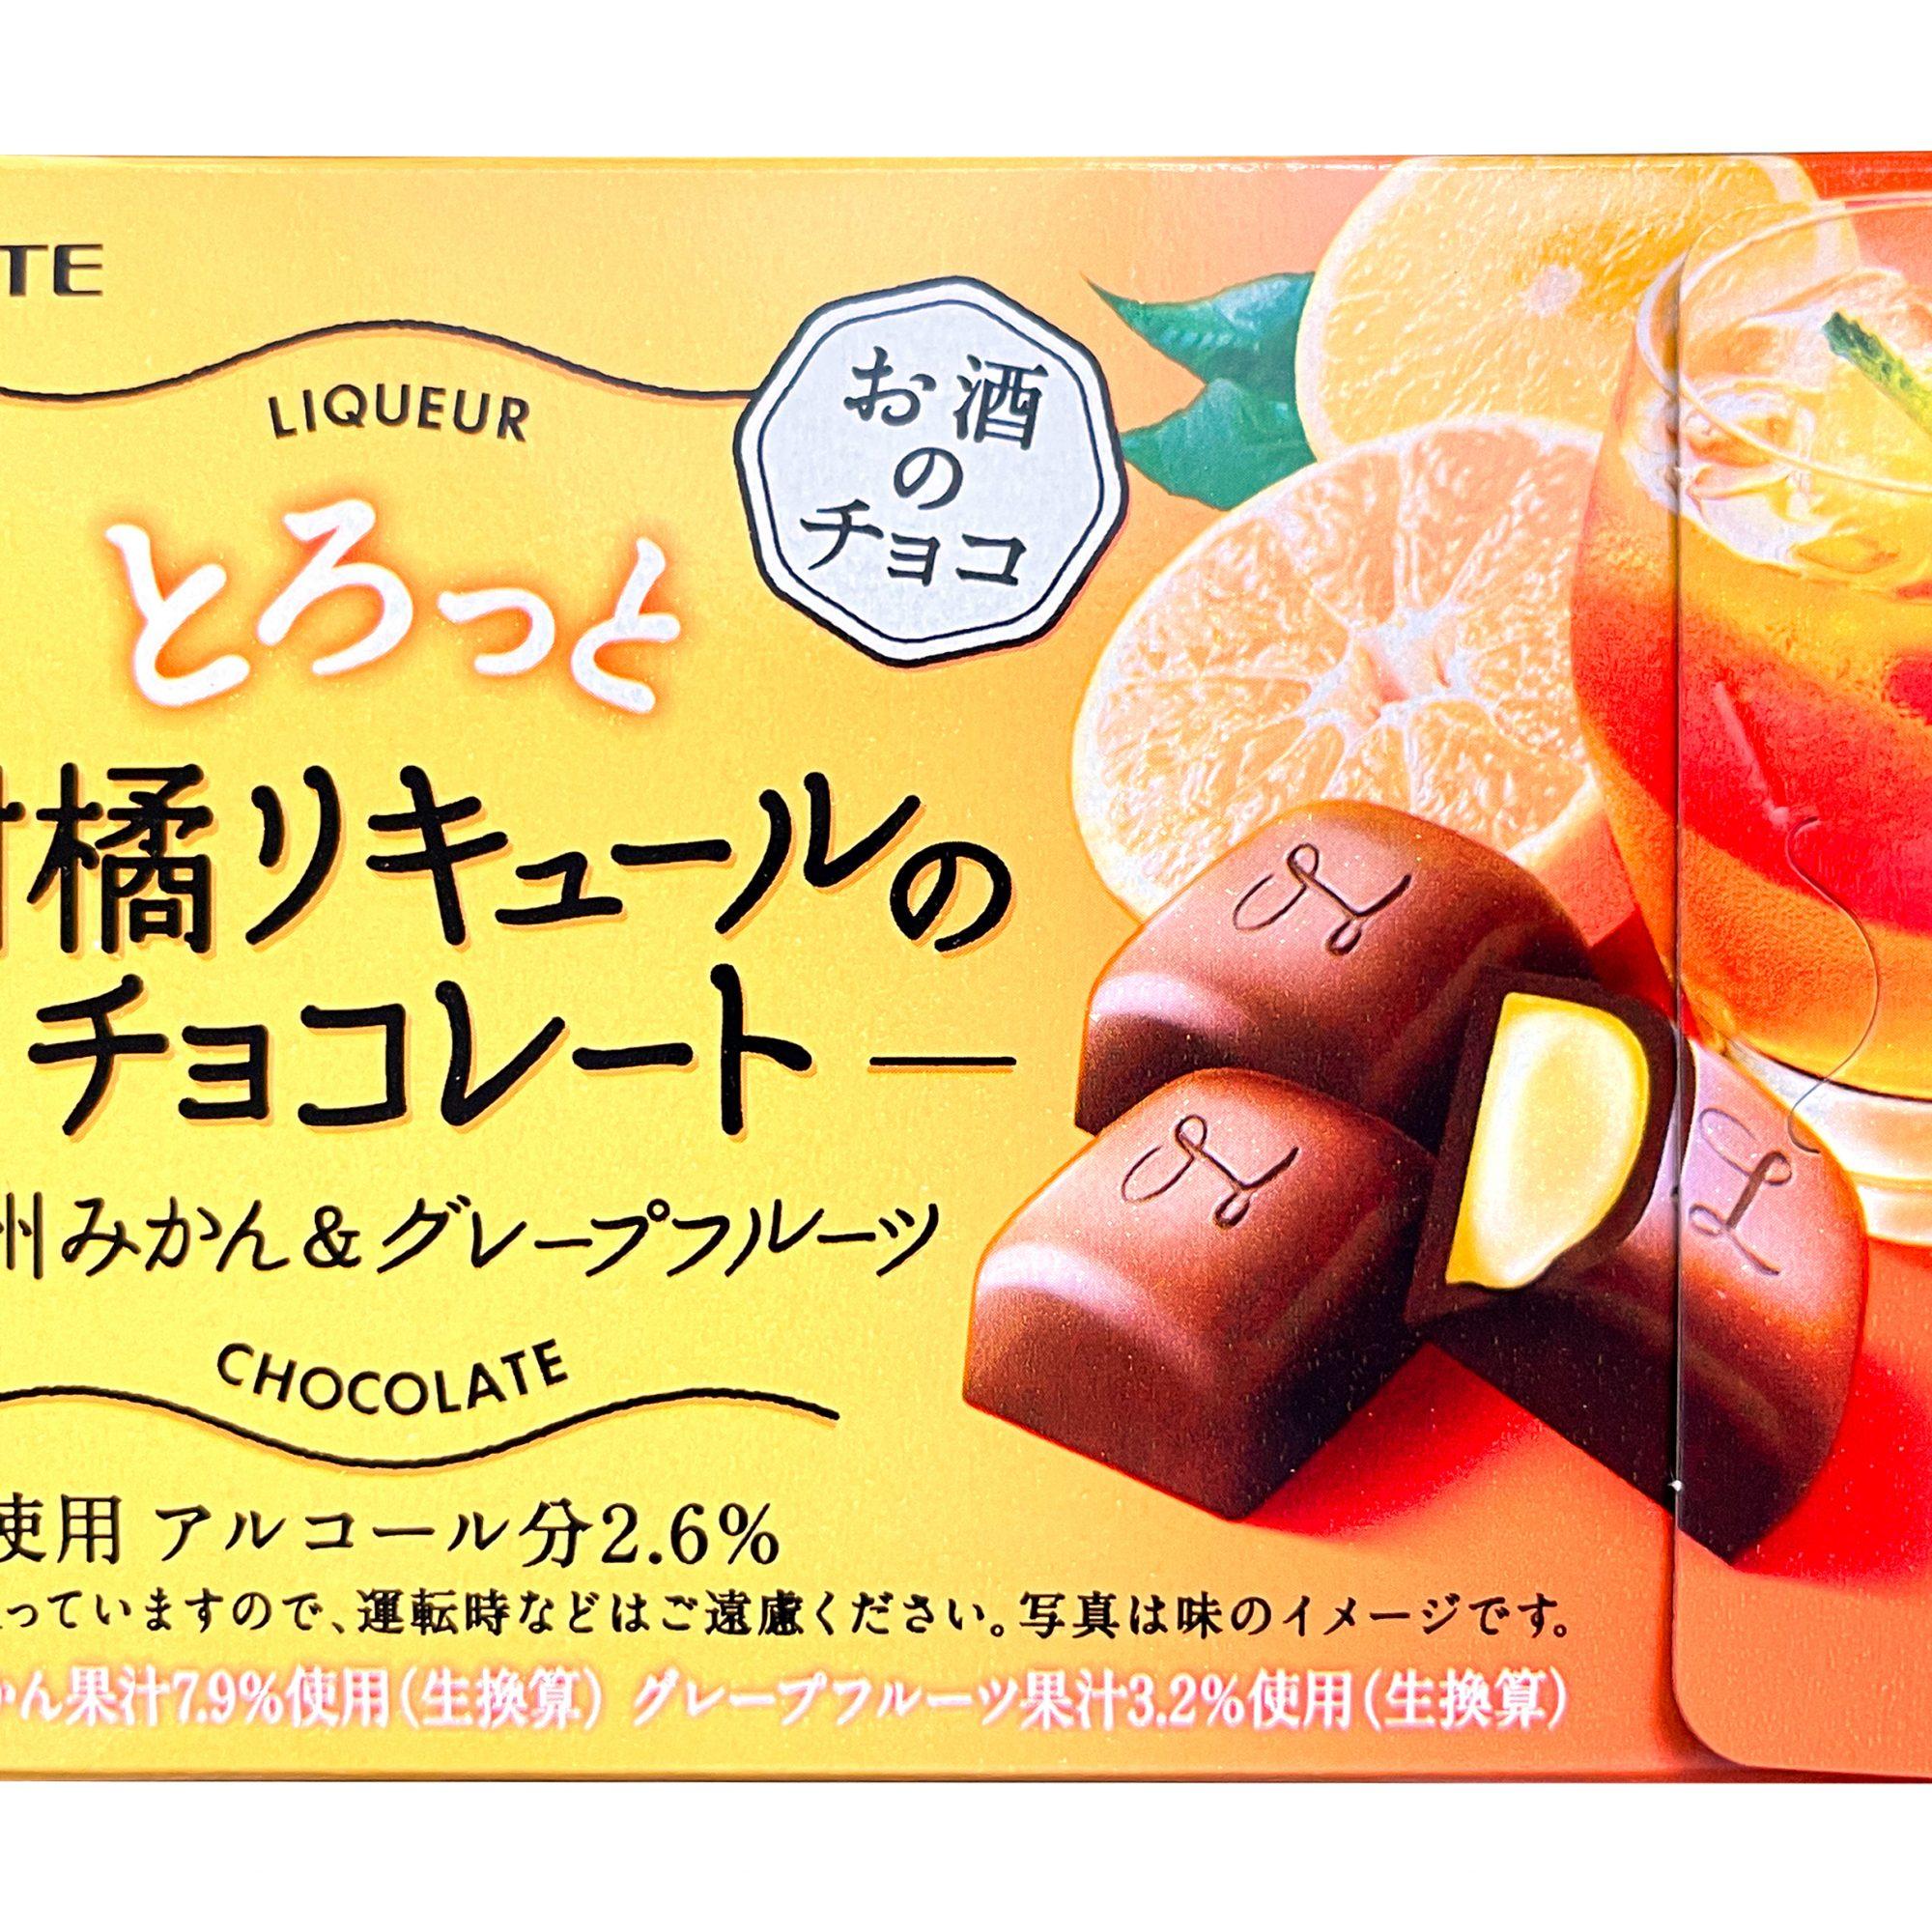 ロッテ『とろっと柑橘リキュールのチョコレート』は温州みかんの濃厚な風味が香り立つ贅沢柑橘系チョコレート!